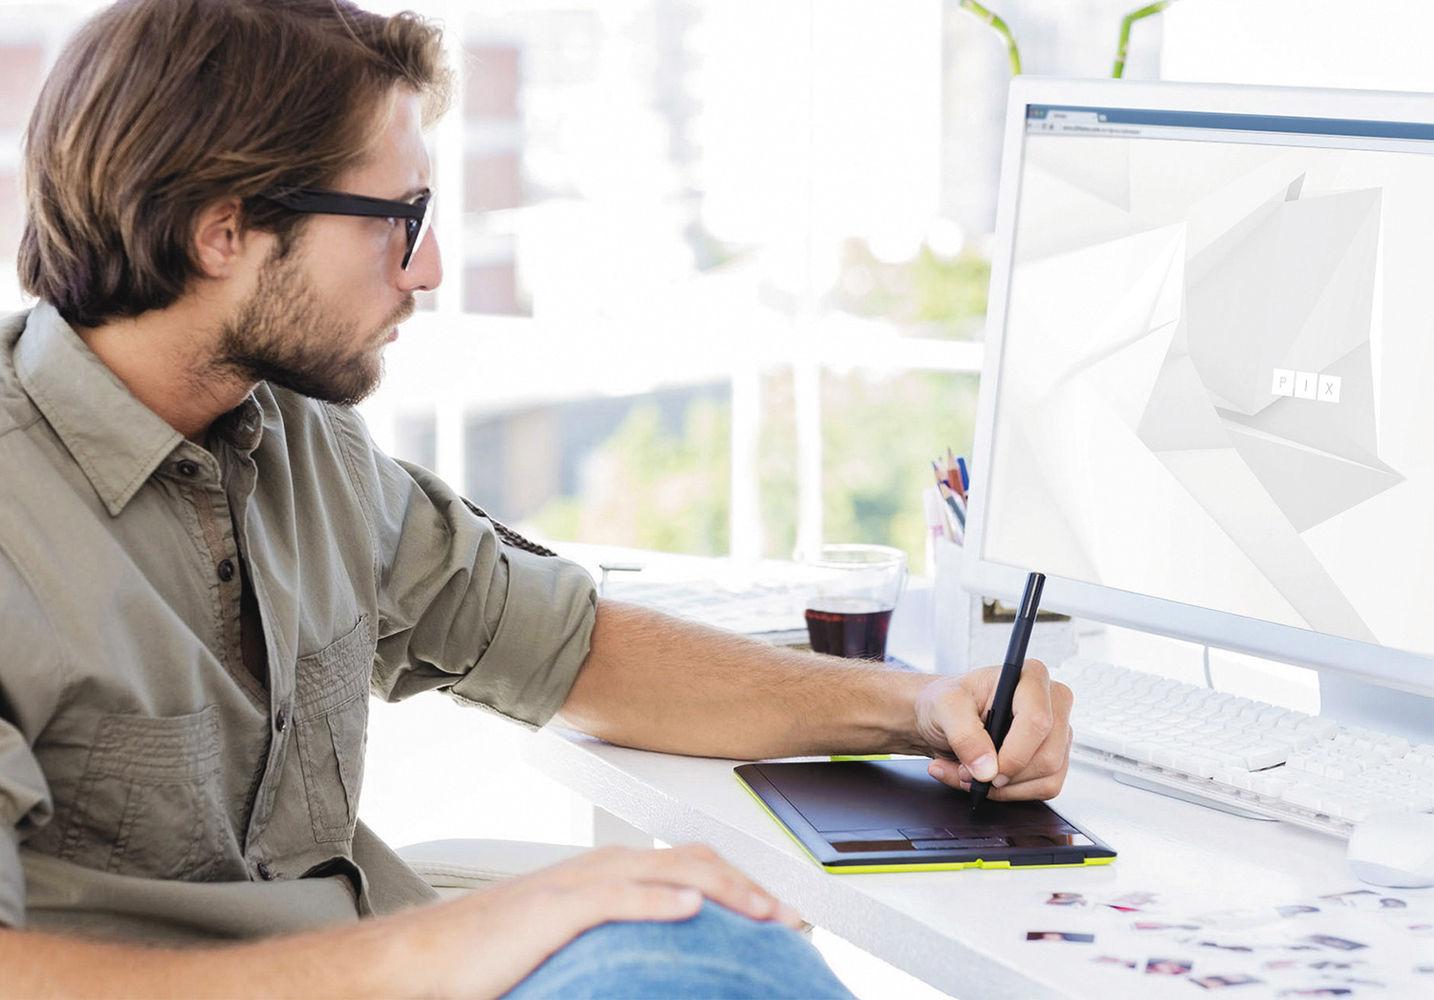 Фриланс услуги дизайнера web designer freelancer